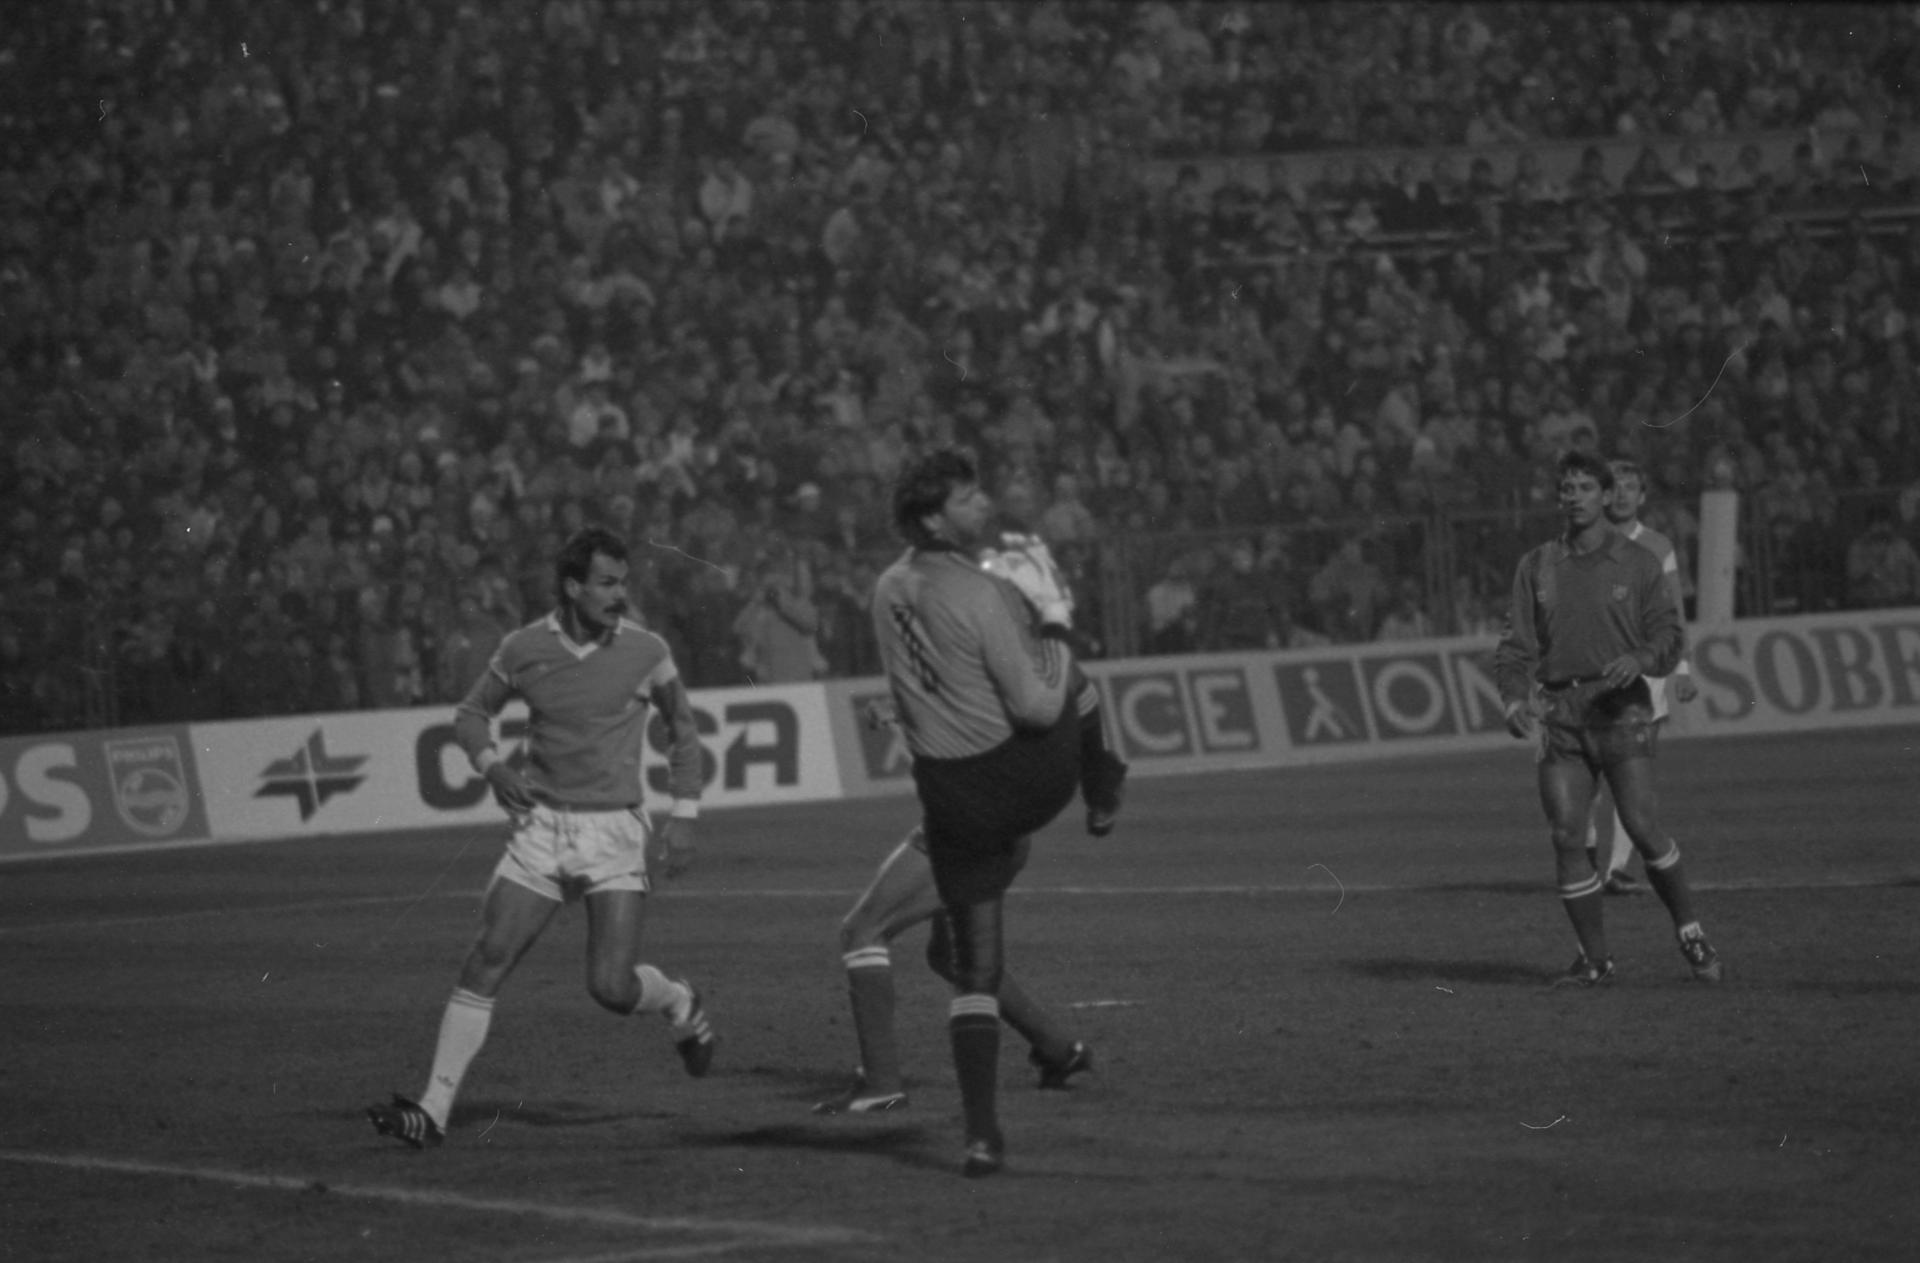 Lech Poznań - FC Barcelona 1:1 (09.11.1988)